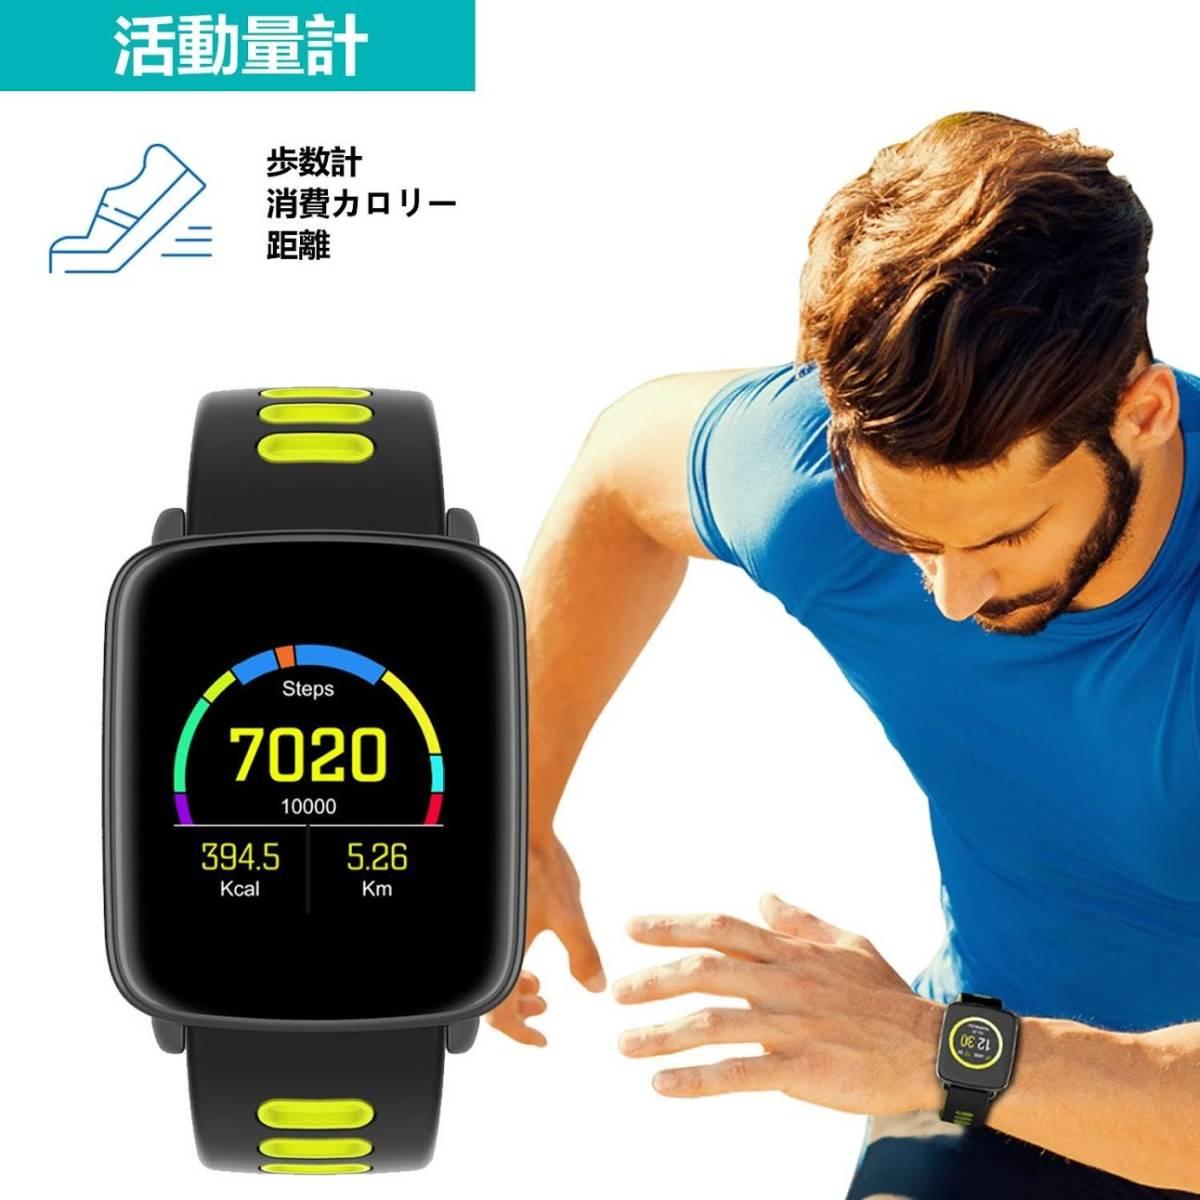 1 иен новый товар смарт-часы 1.54 дюймовый HD экран Smart браслет пульсомер деятельность количество итого многофункциональный наручные часы BT телефонный разговор функция установка (SIM карта нет ) SMS через